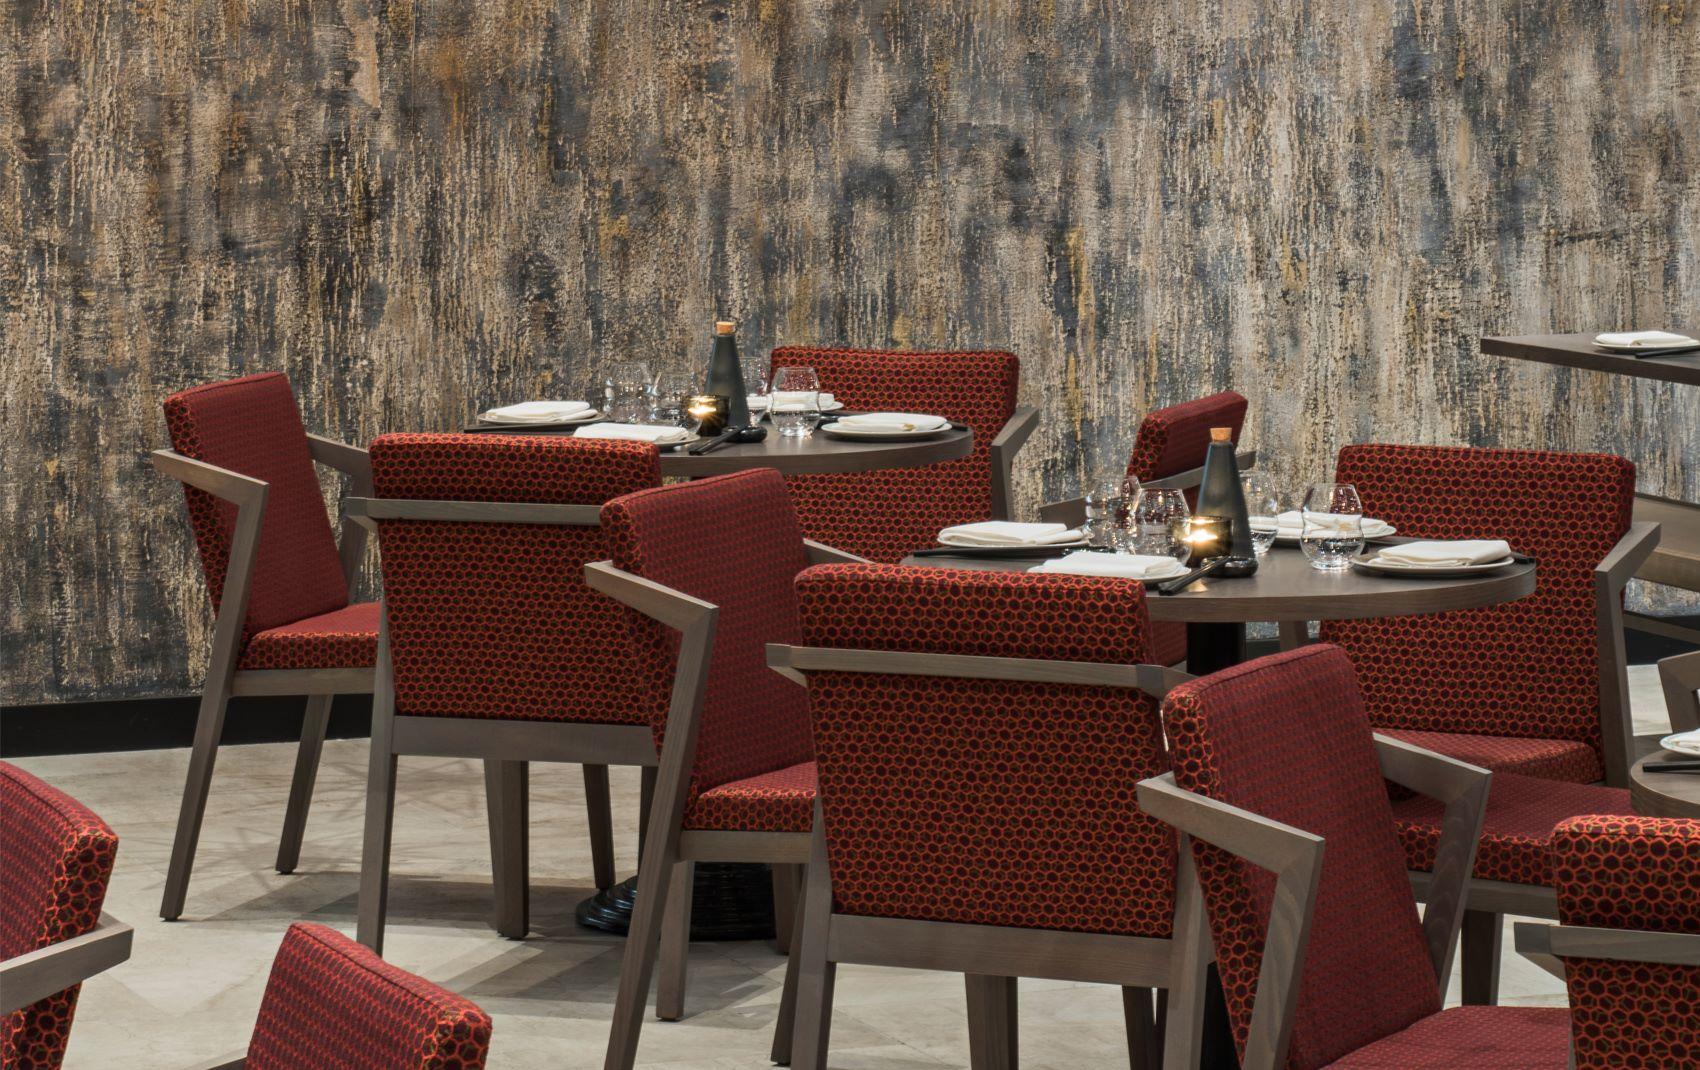 upscale restaurant luxury interior design